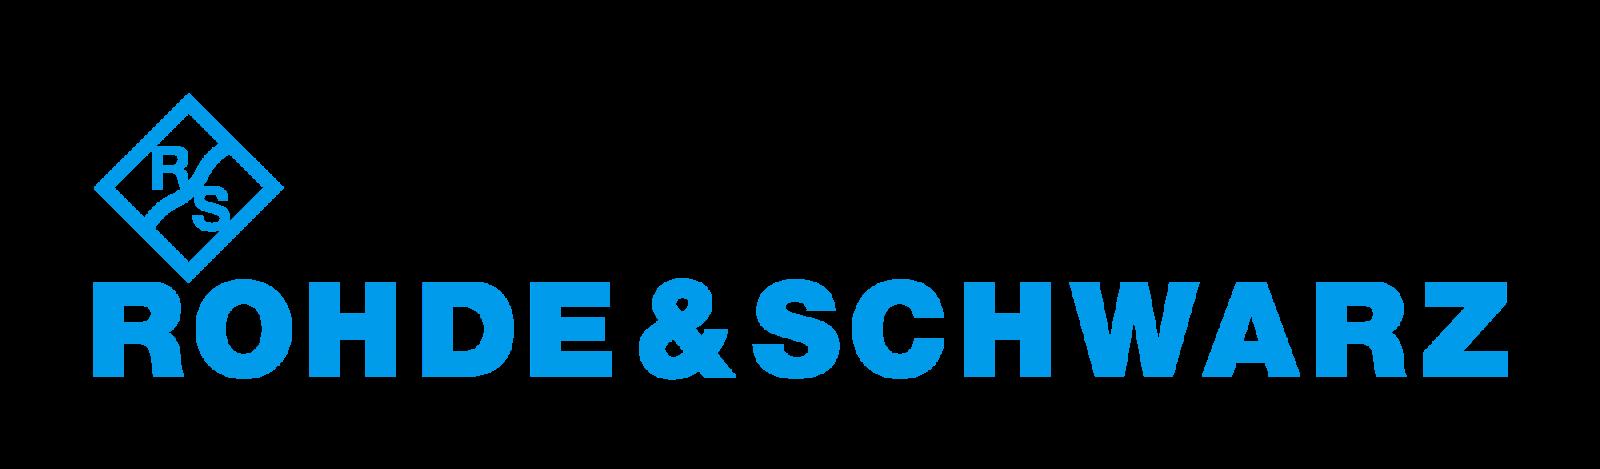 Rohde & Schwarz приглашает поучаствовать в вебинаре «Измерение и оценка электромагнитных помех с помощью измерительных приёмников и анализаторов спектра»